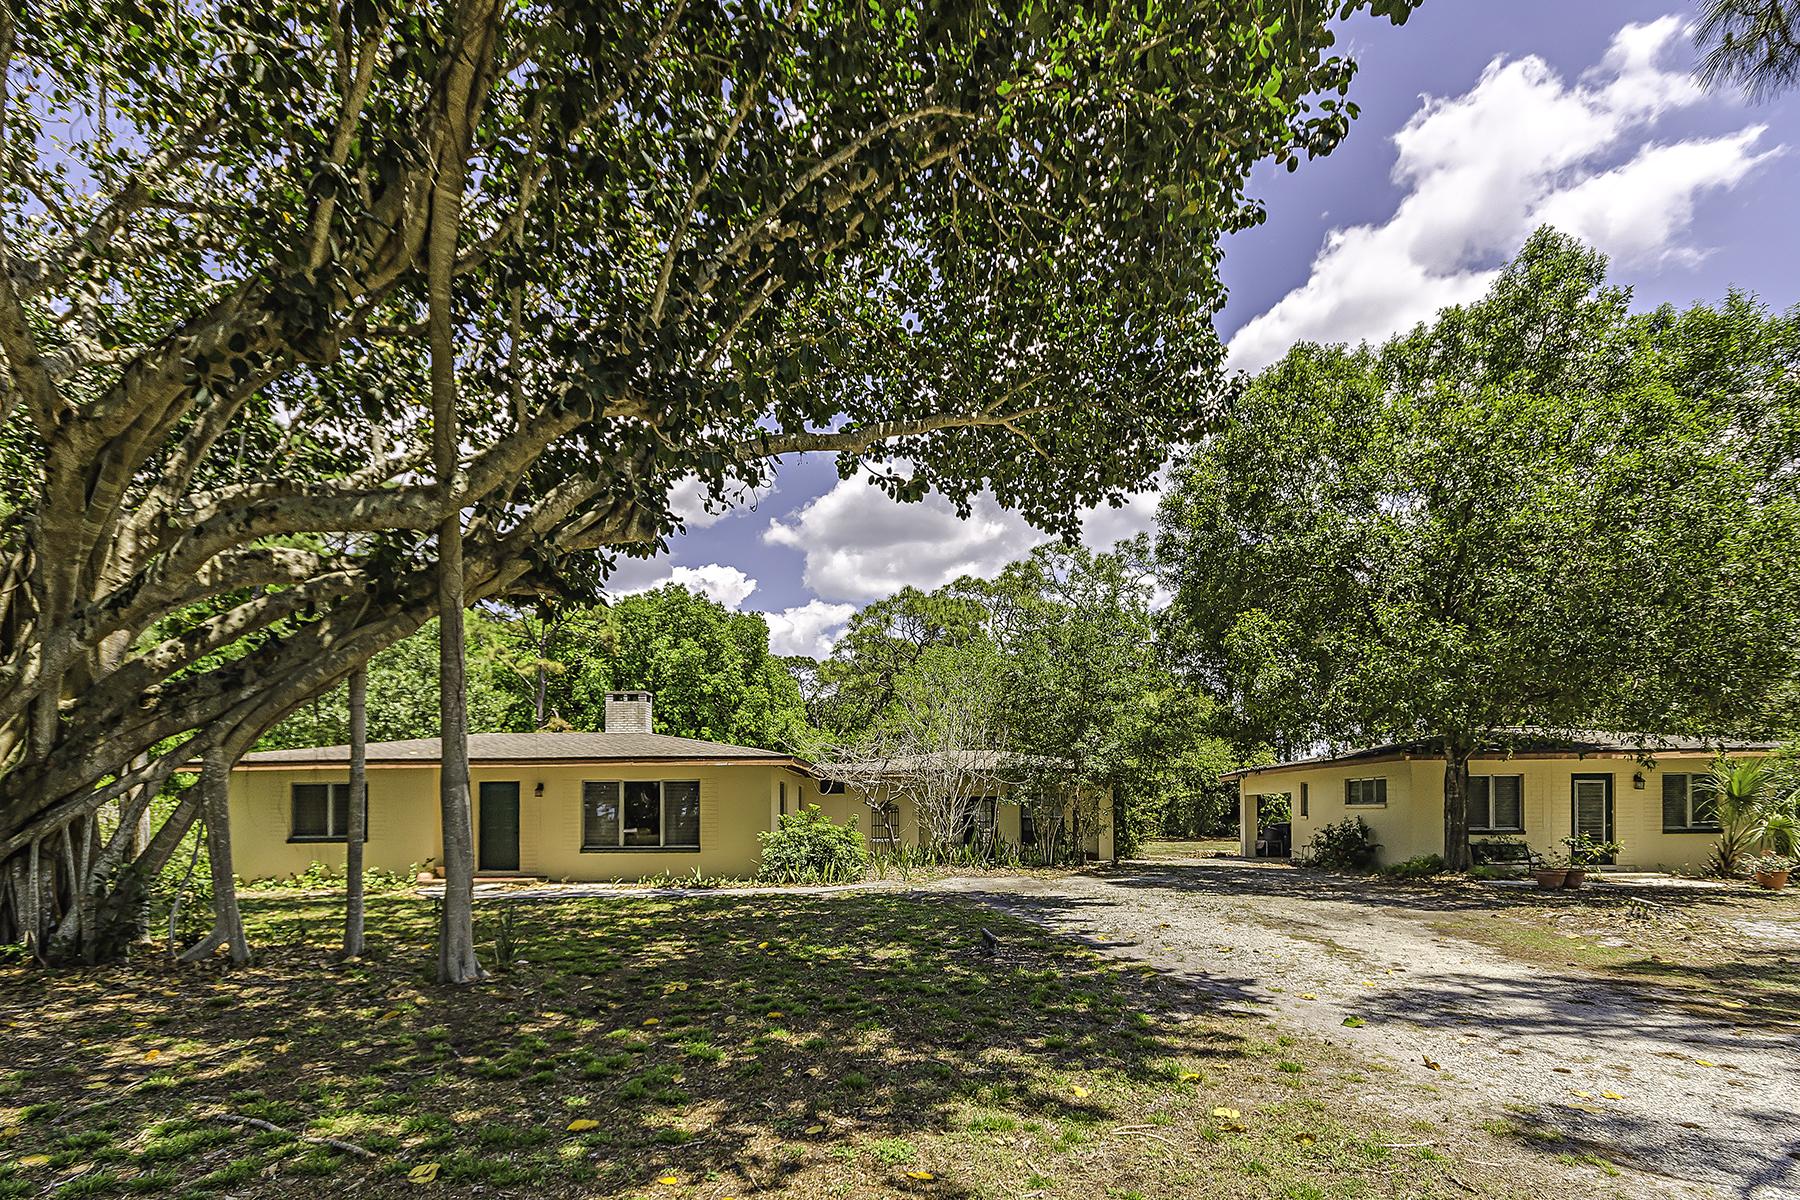 Maison unifamiliale pour l Vente à PINE RIDGE 68 East Ave Naples, Florida, 34108 États-Unis